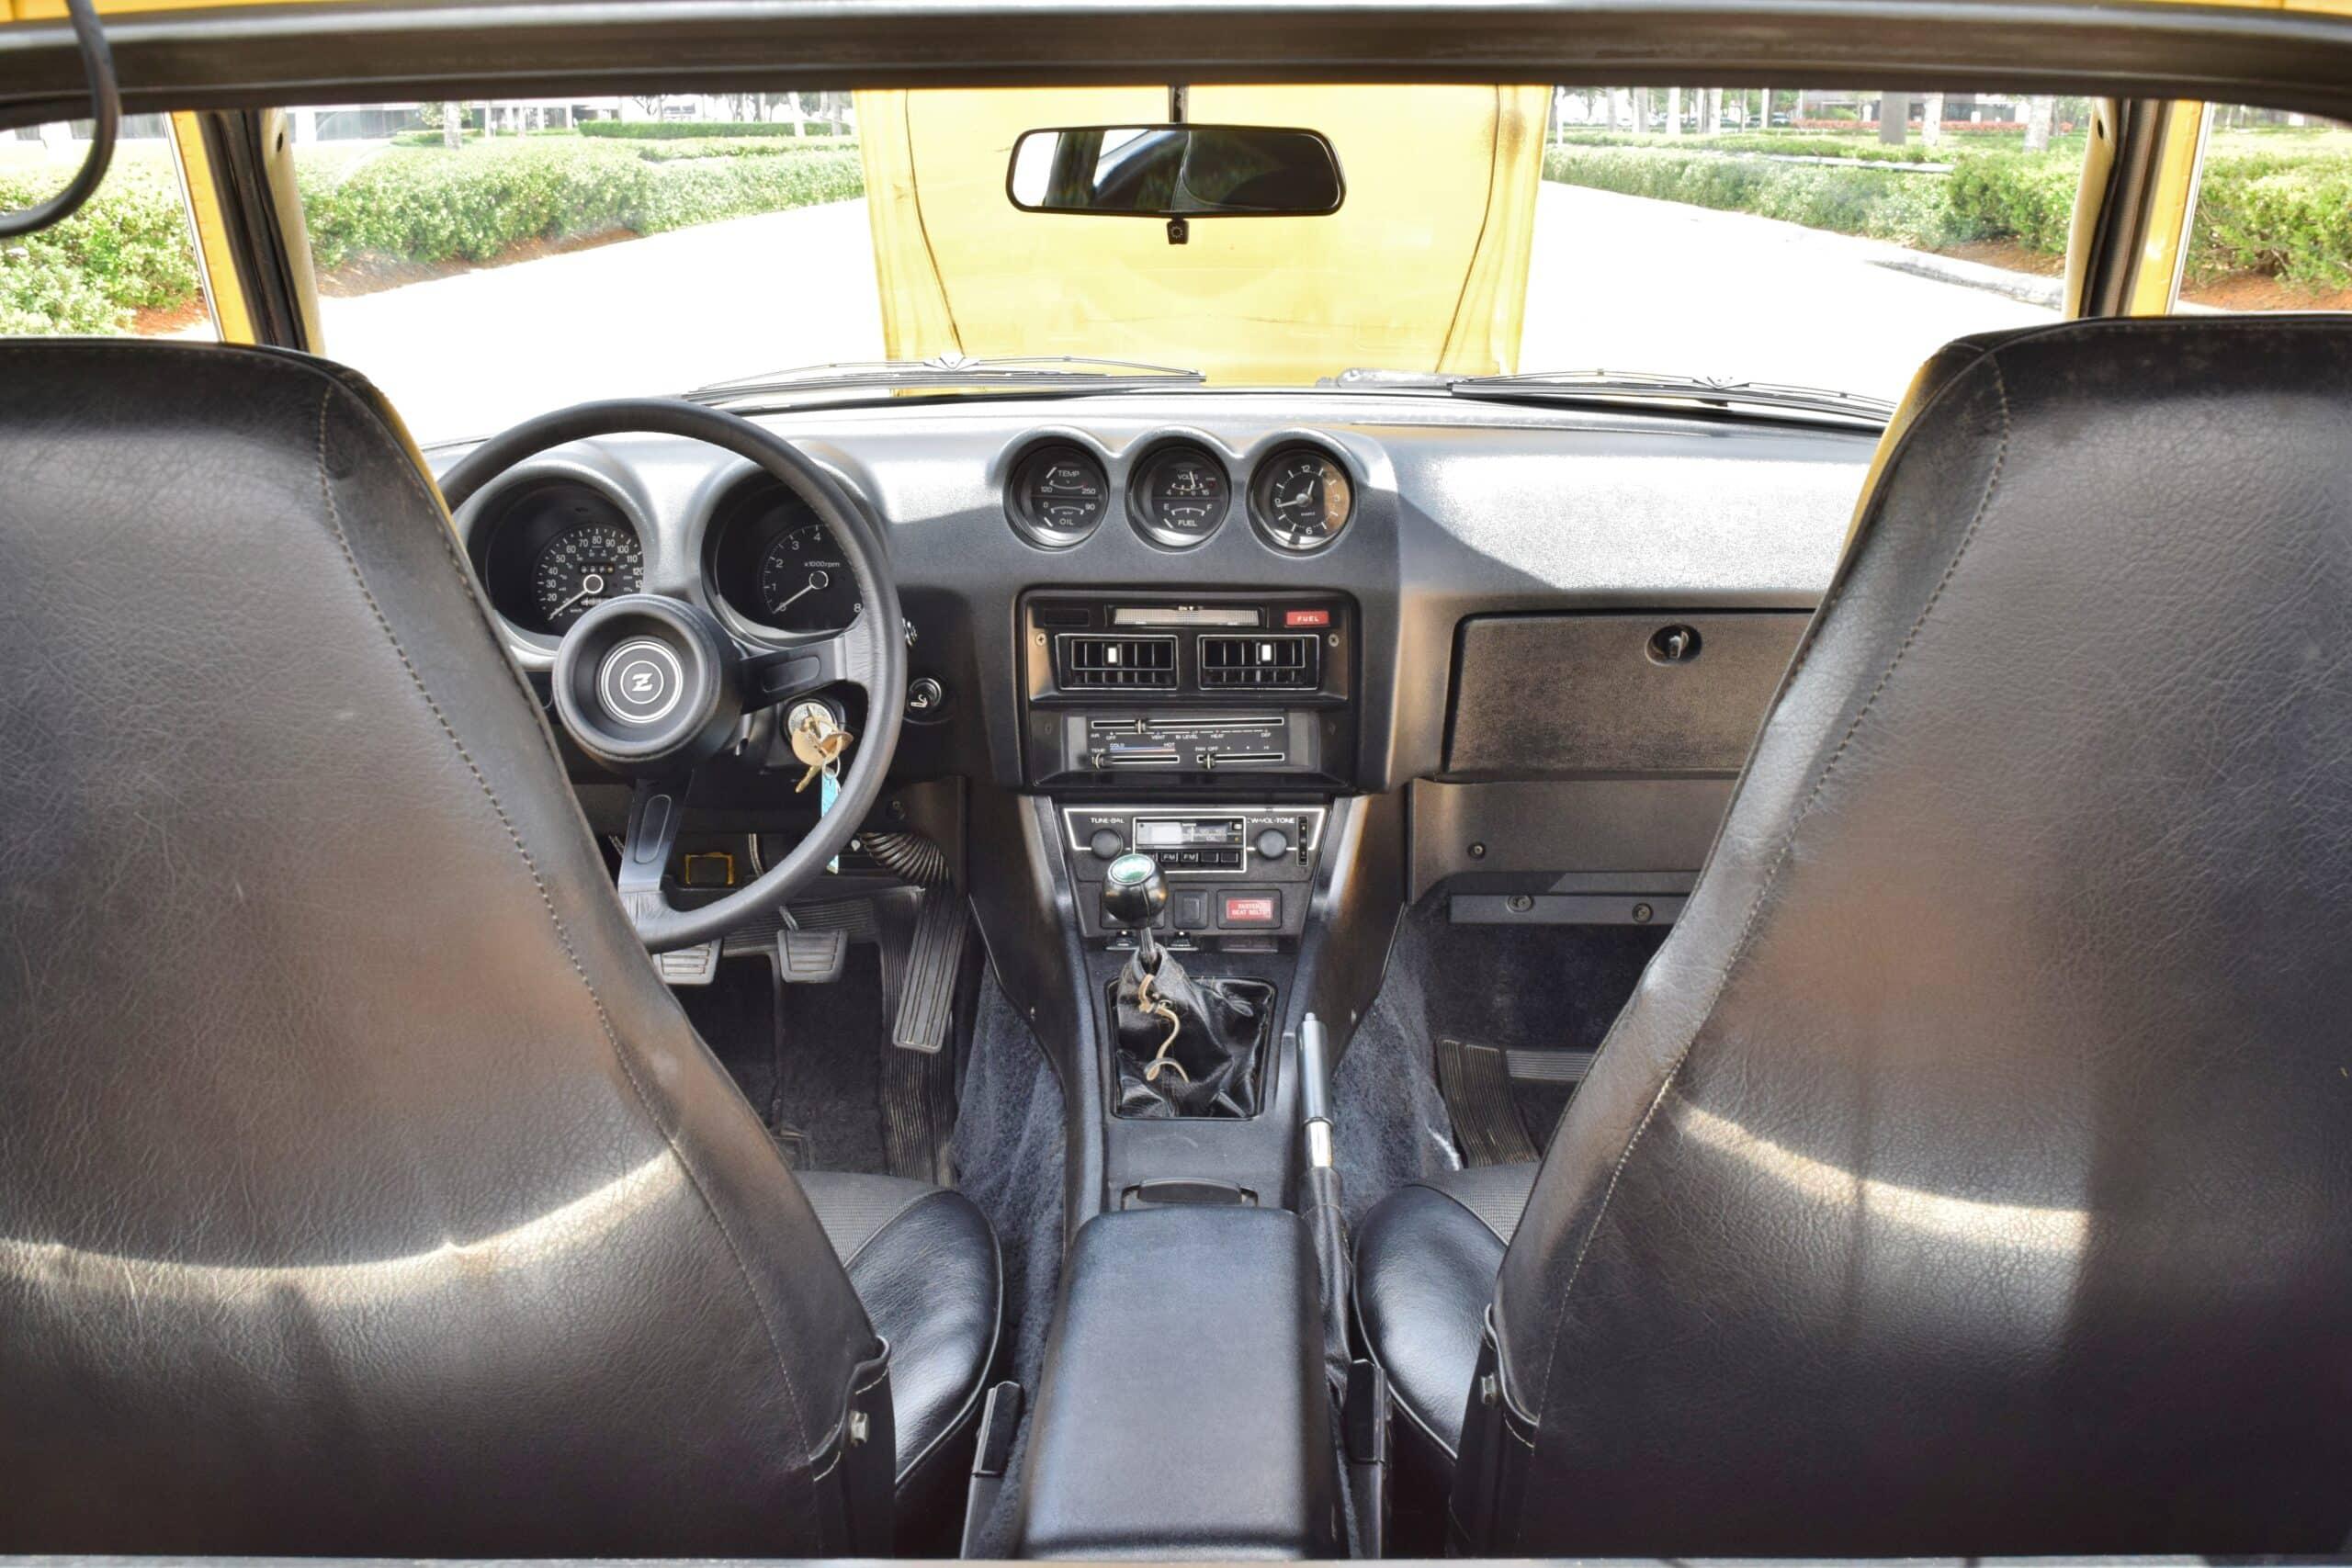 1978 Datsun 280Z 42 YEAR OLD TIME MACHINE GARAGE FIND -1 OWNER – 34,000 ACTUAL MILES – SURVIVOR –